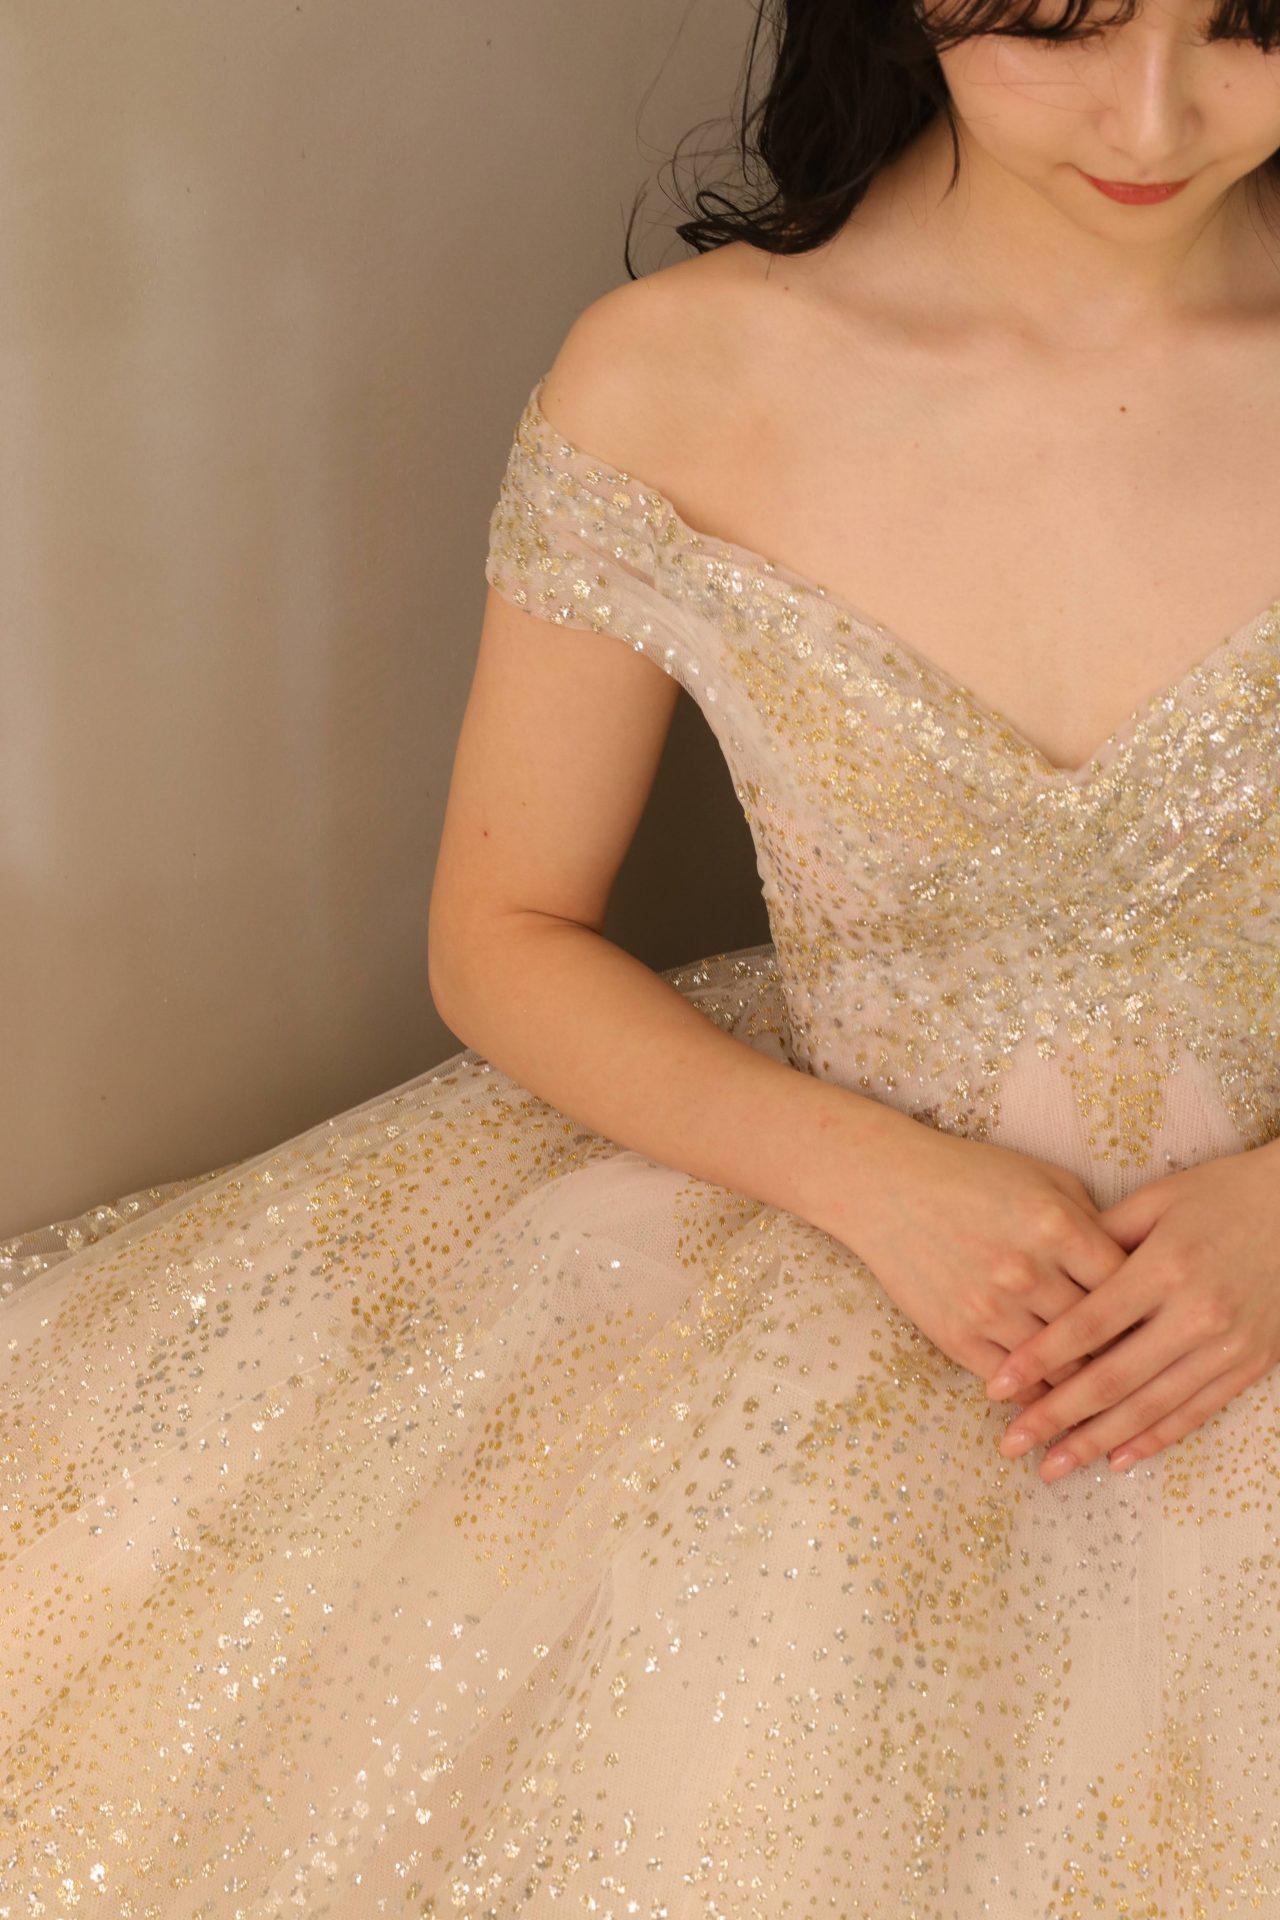 ゴールドとシルバーのグリッターが華やかなプリンセスラインのカラードレスはデコルテラインを美しく見せてくれるオフショルダーのデザインで赤坂プリンスクラシックハウスなどのクラッシックな会場にも映える洗練された花嫁様にもおすすめです